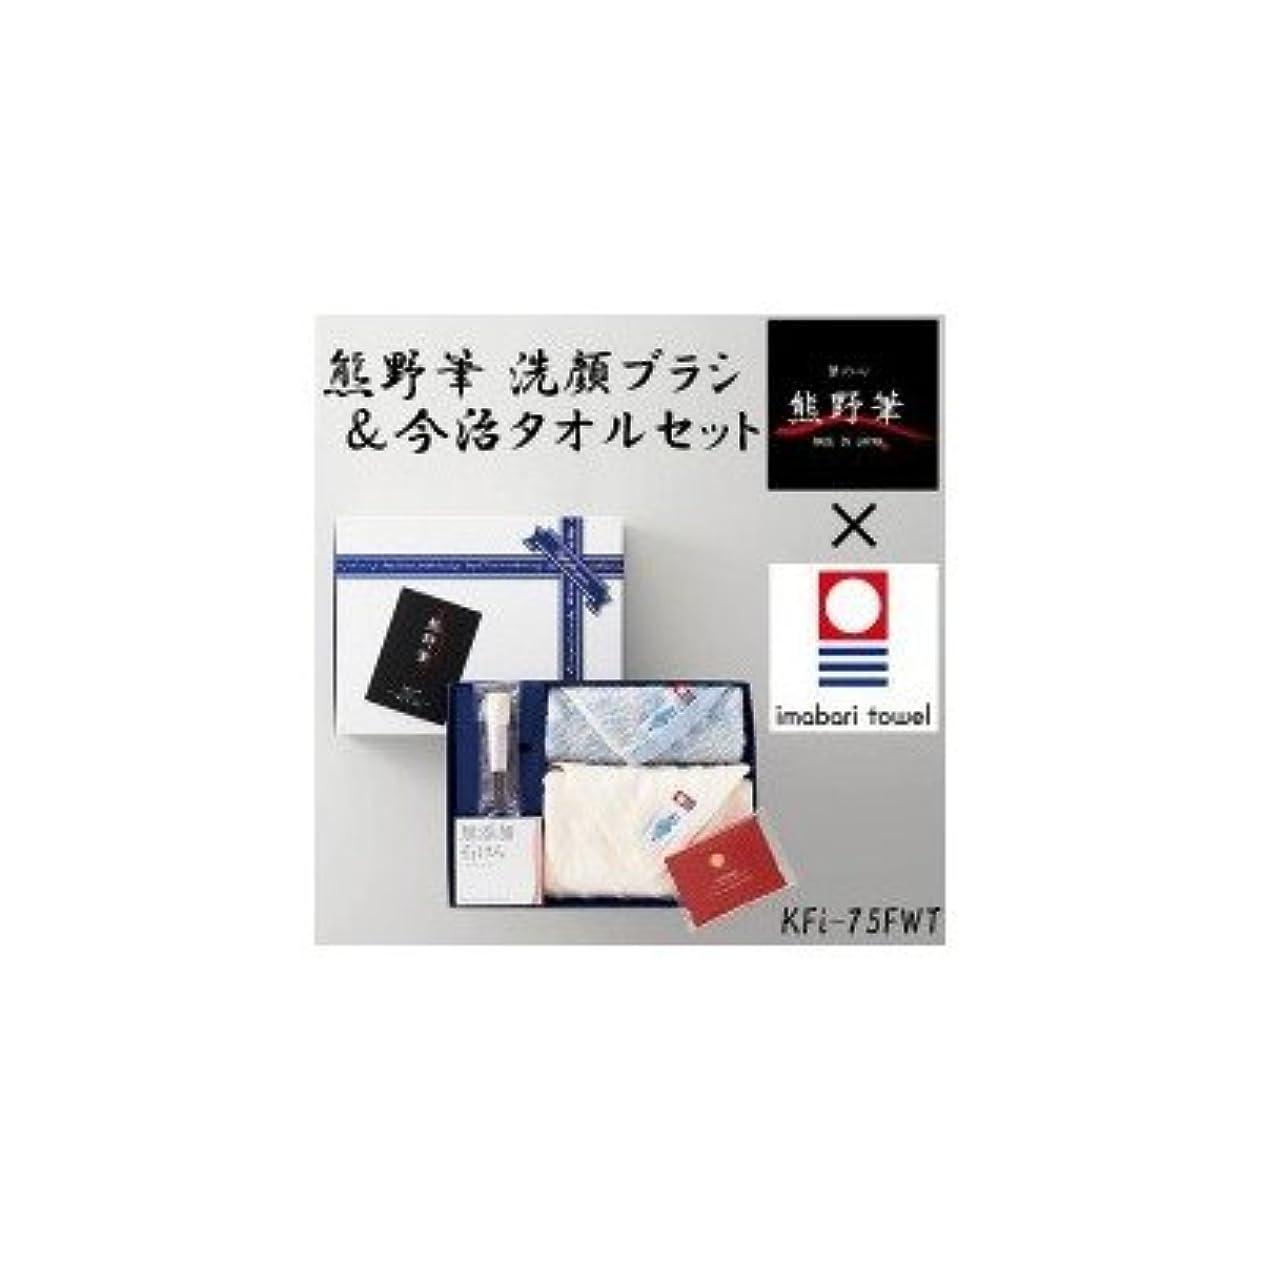 移植ステートメント取り扱い熊野筆と今治タオルのコラボレーション 熊野筆 洗顔ブラシ&今治タオルセット KFi-75FWT